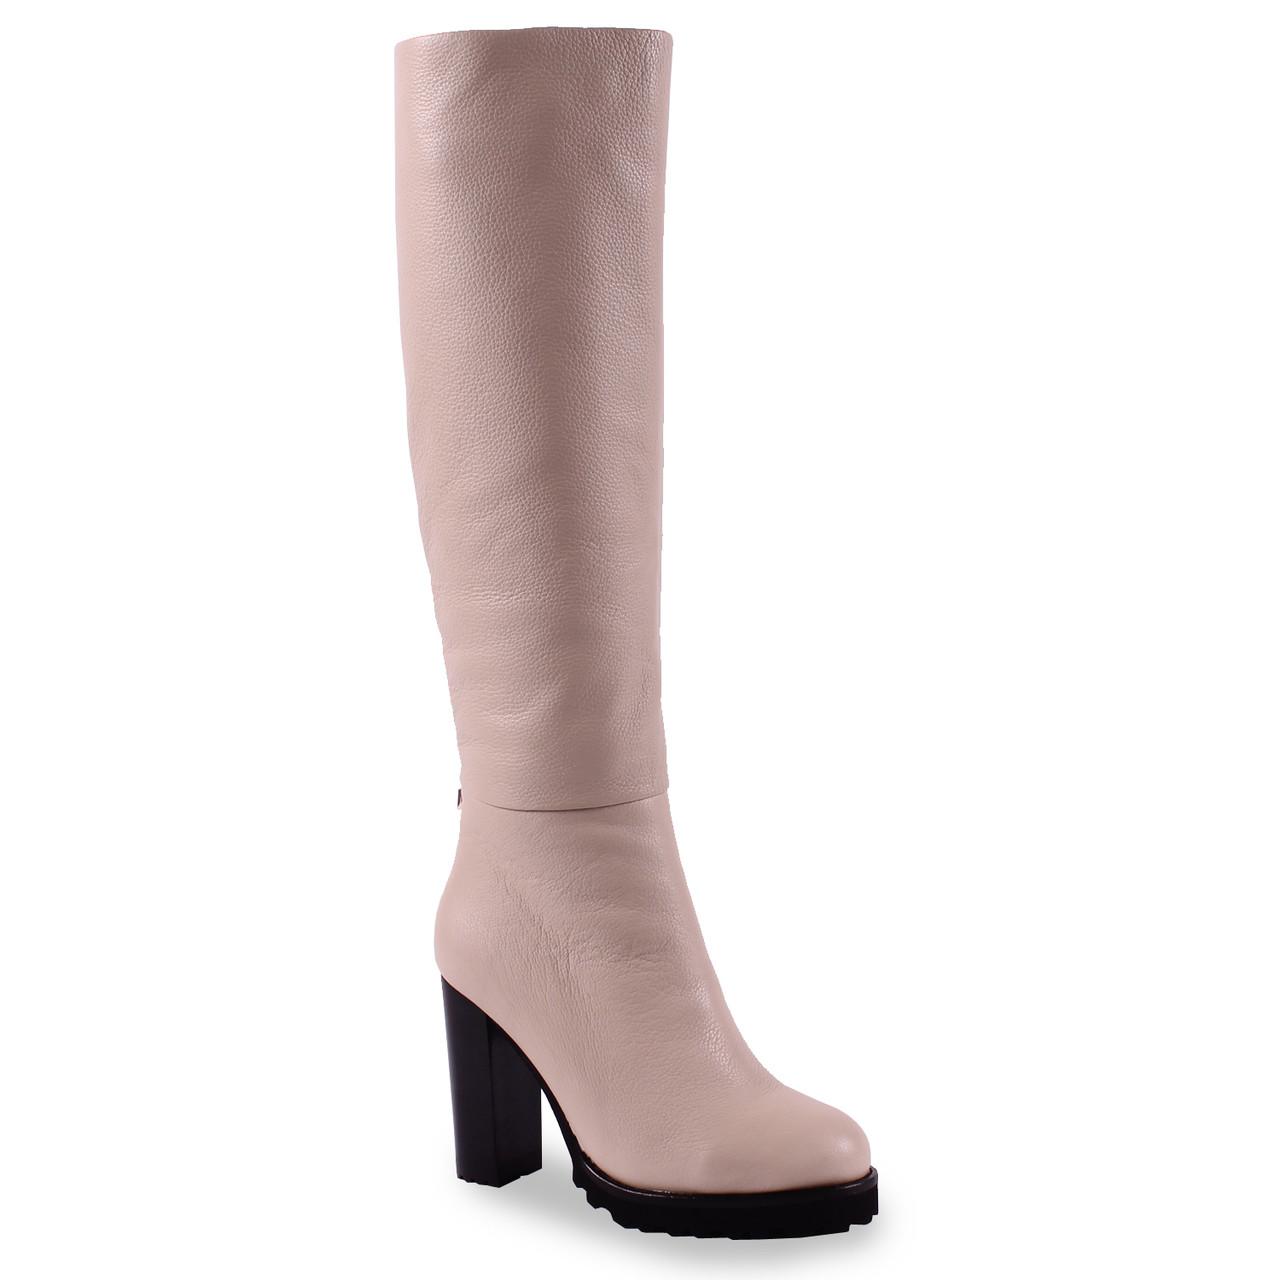 25587b0364b5 Купить Женские сапоги Angelo Vani (кожаные, бежевые, зимние, теплые, на  удобном каблуке, ...